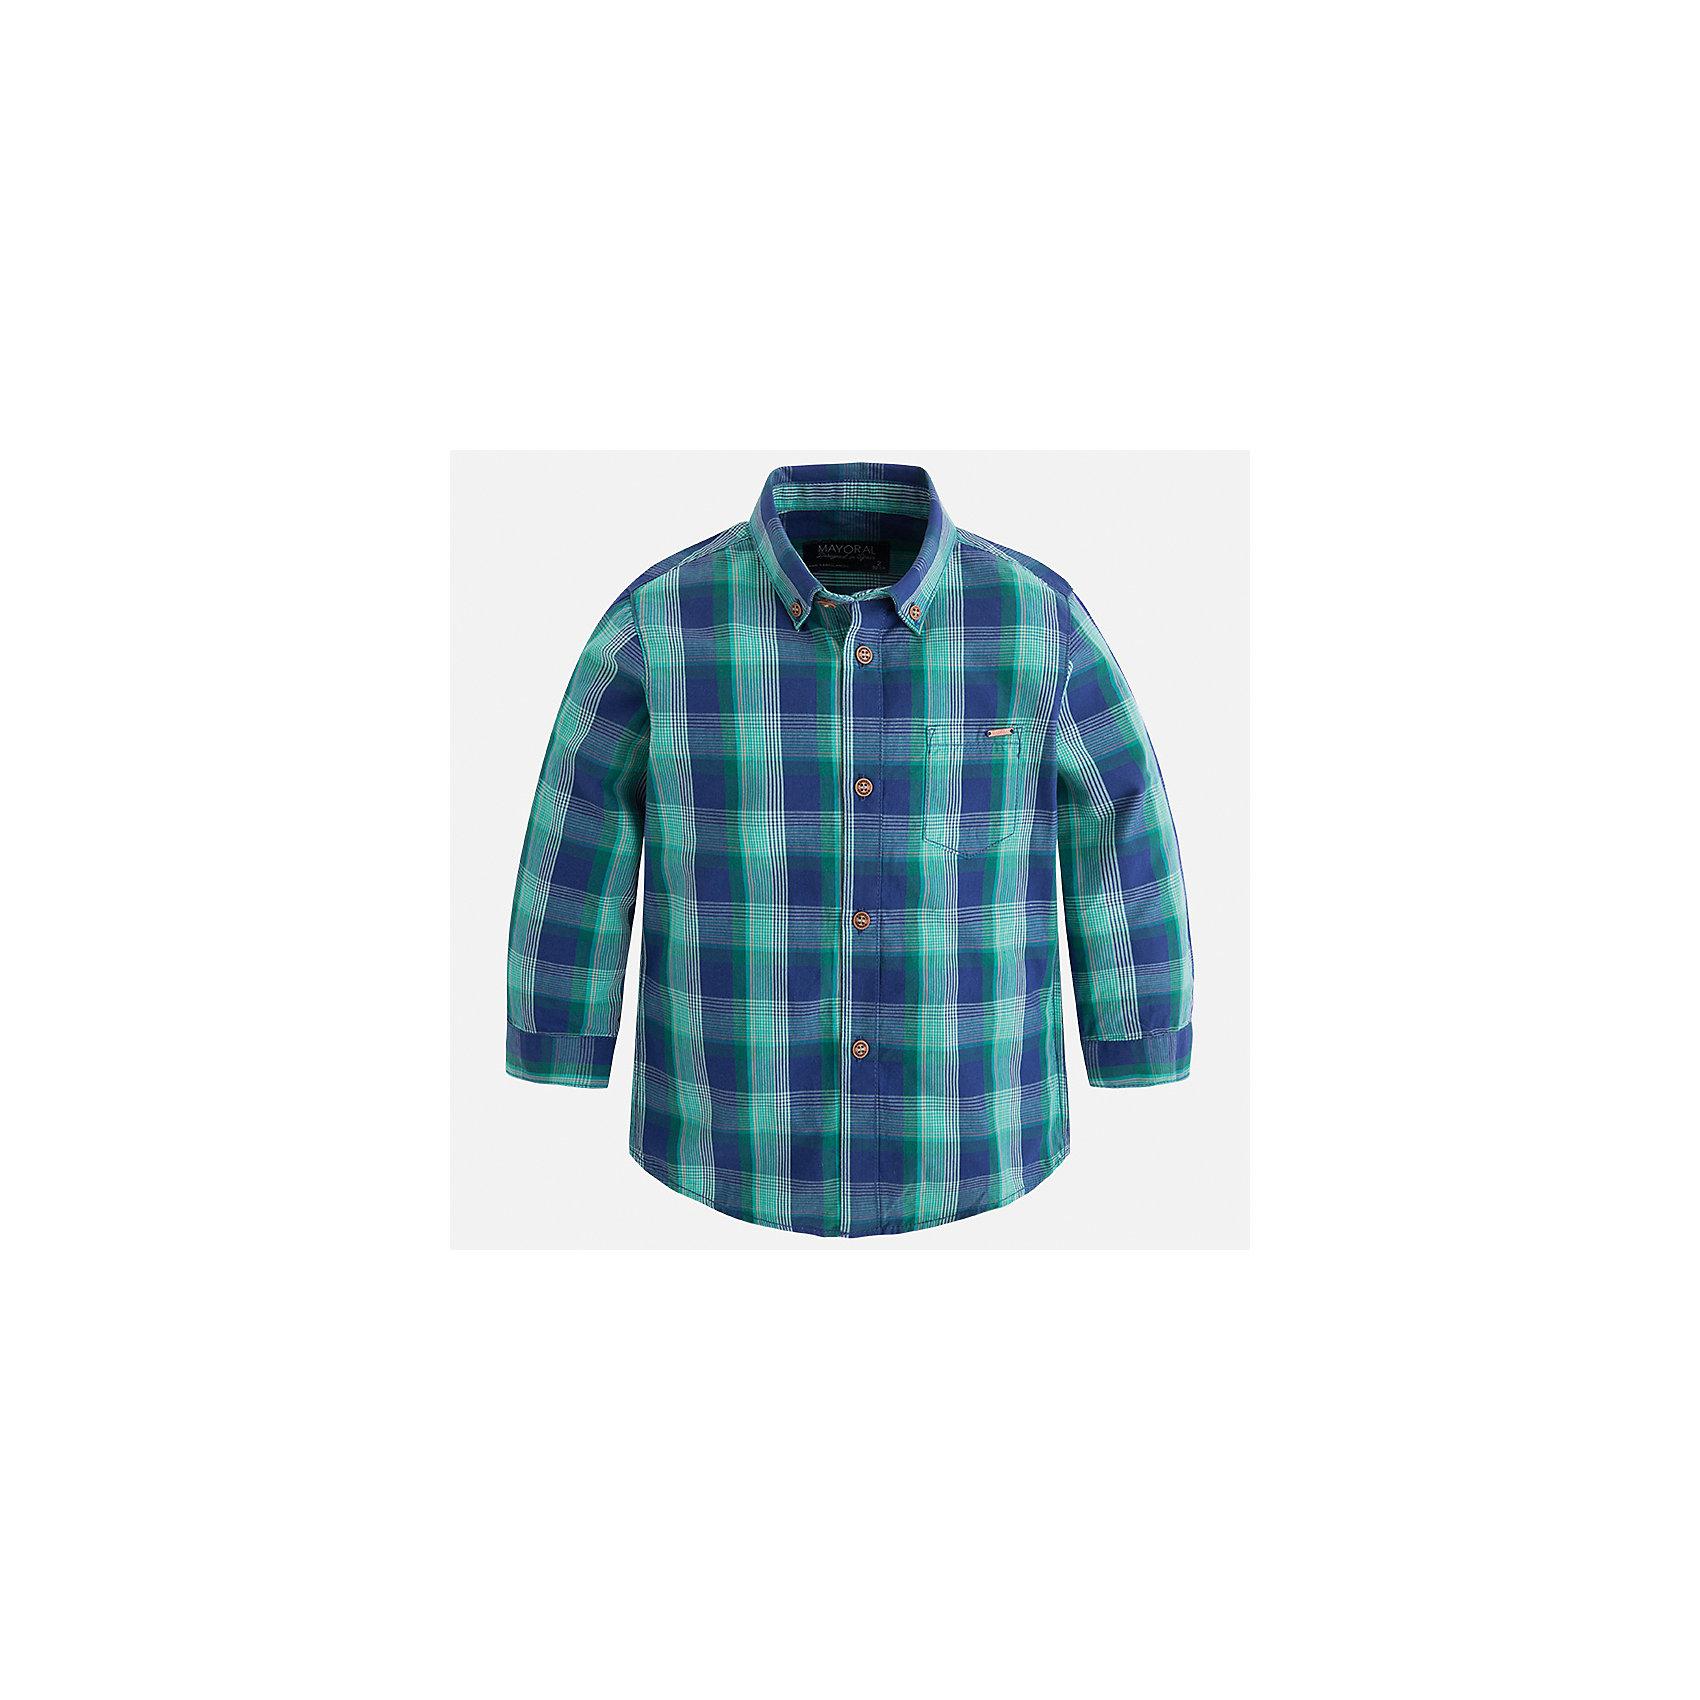 Рубашка Mayoral для мальчикаБлузки и рубашки<br>Характеристики товара:<br><br>• цвет: зеленый<br>• состав ткани: 100% хлопок<br>• сезон: демисезон<br>• особенности модели: школьная<br>• застежка: пуговицы<br>• длинные рукава<br>• страна бренда: Испания<br>• страна изготовитель: Индия<br><br>Стильная детская рубашка сделана из дышащего приятного на ощупь материала. Благодаря продуманному крою детской рубашки создаются комфортные условия для тела. Рубашка с длинным рукавом для мальчика отличается стильным продуманным дизайном.<br><br>Рубашку для мальчика Mayoral (Майорал) можно купить в нашем интернет-магазине.<br><br>Ширина мм: 174<br>Глубина мм: 10<br>Высота мм: 169<br>Вес г: 157<br>Цвет: зеленый<br>Возраст от месяцев: 36<br>Возраст до месяцев: 48<br>Пол: Мужской<br>Возраст: Детский<br>Размер: 122,128,134,92,98,104,110,116<br>SKU: 6934129